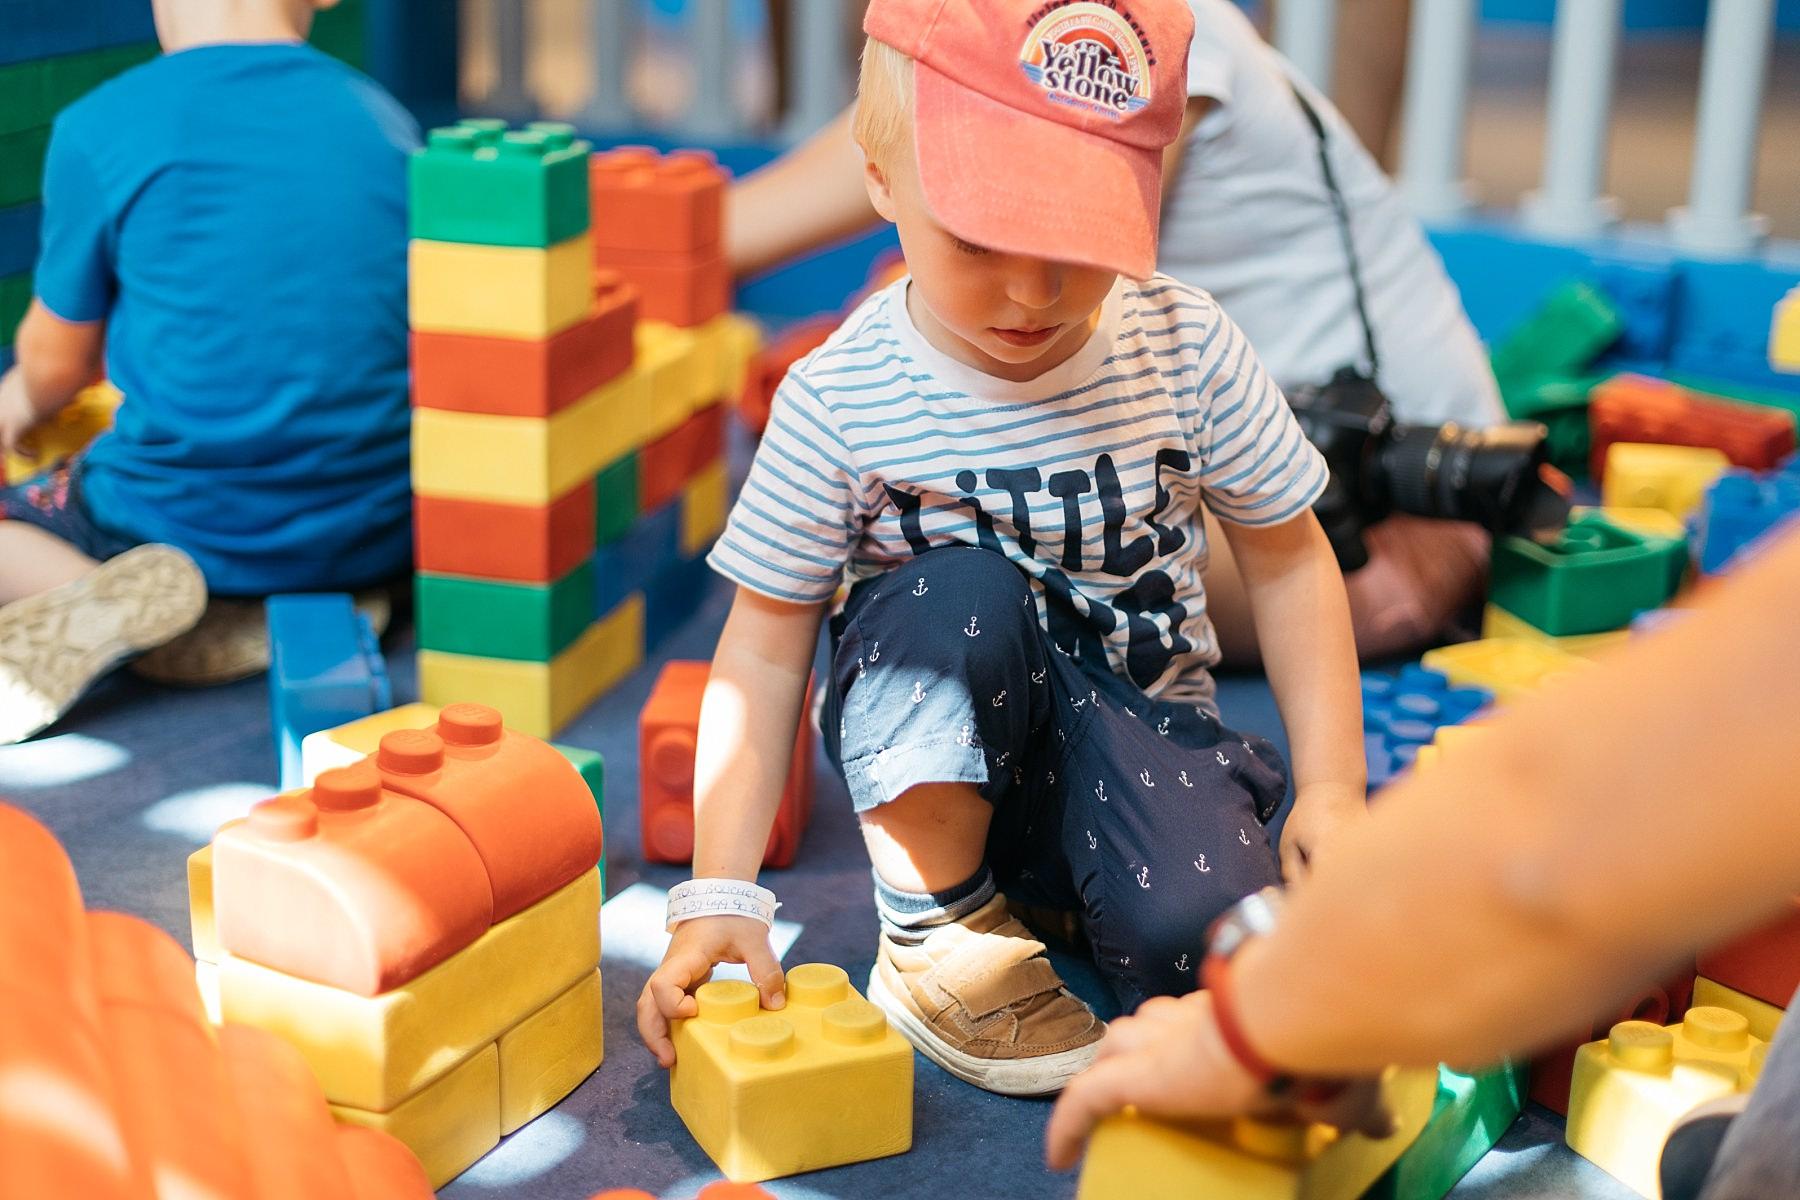 Legoland - 57 millions de briques Lego 18